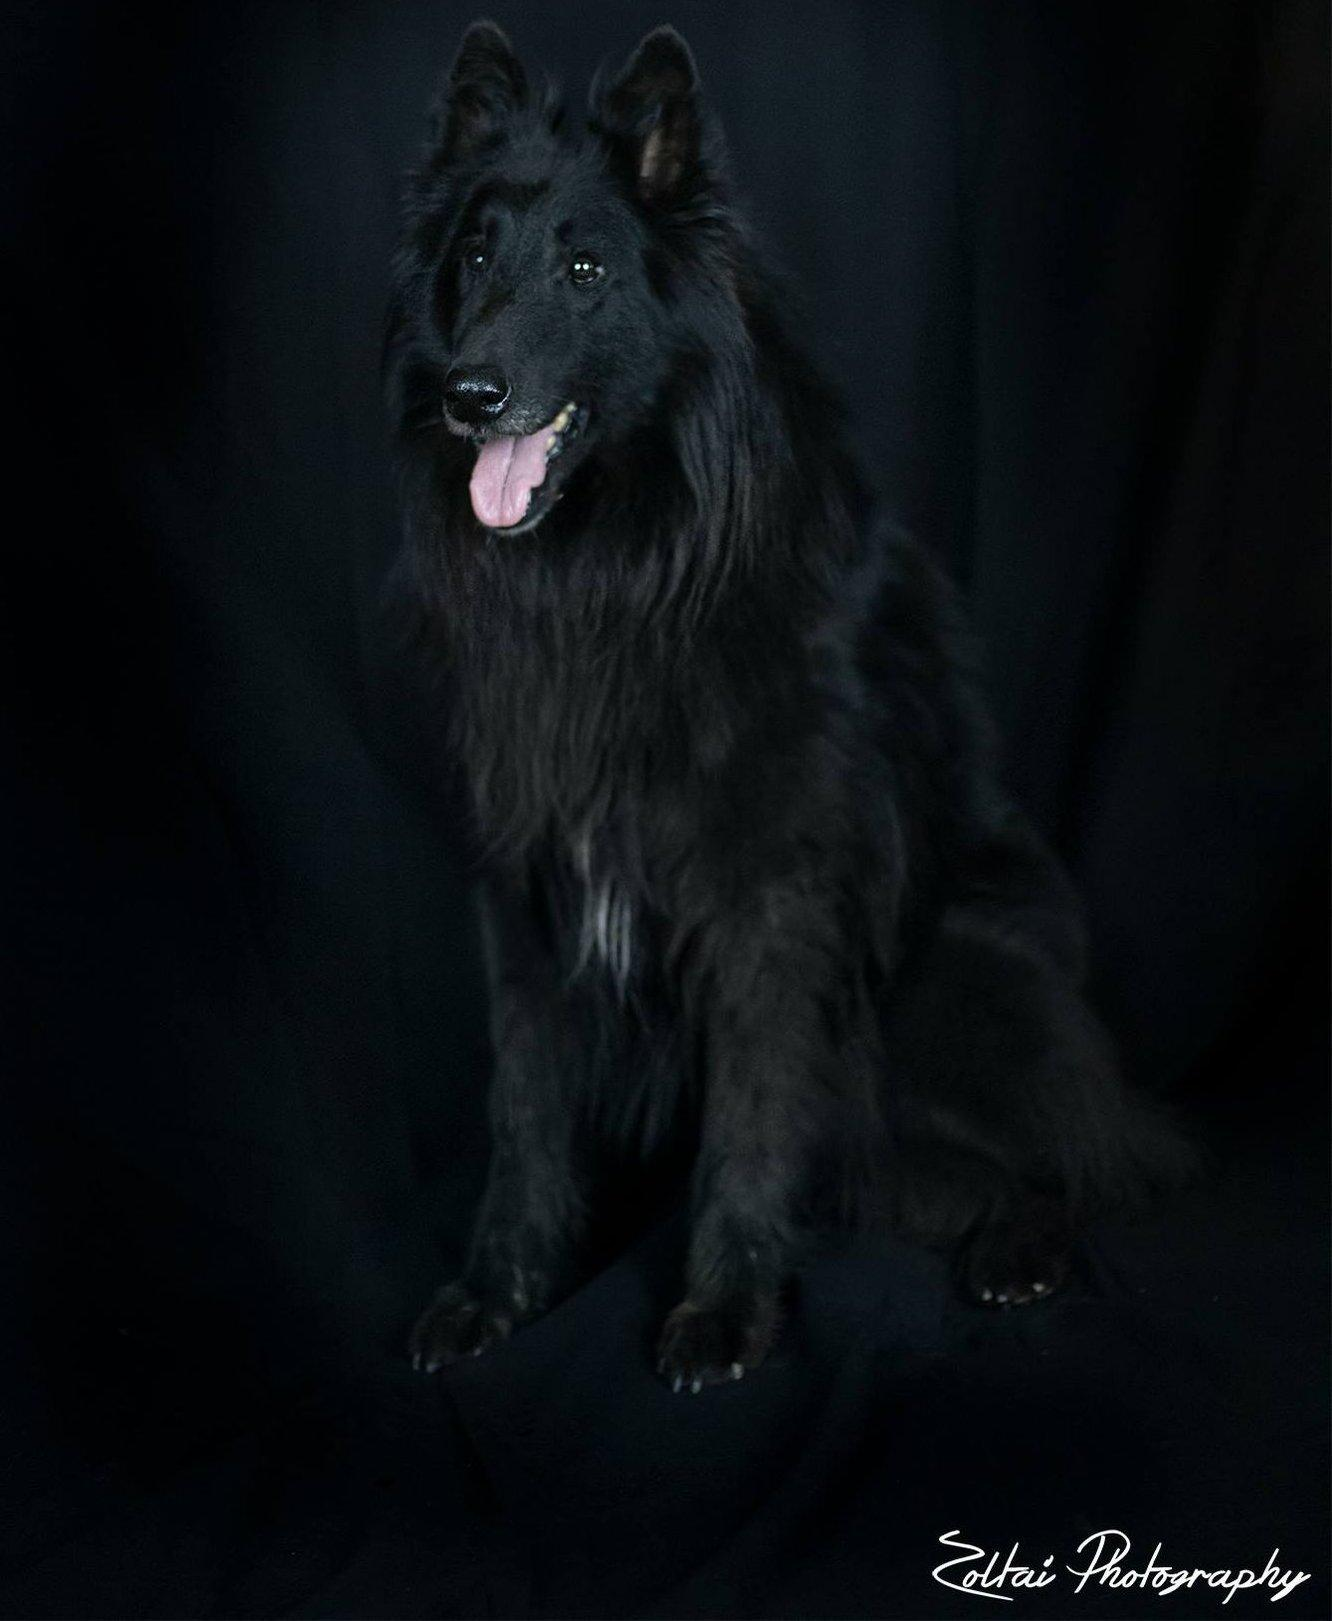 Fekete belga juhász fekete háttérelőtt